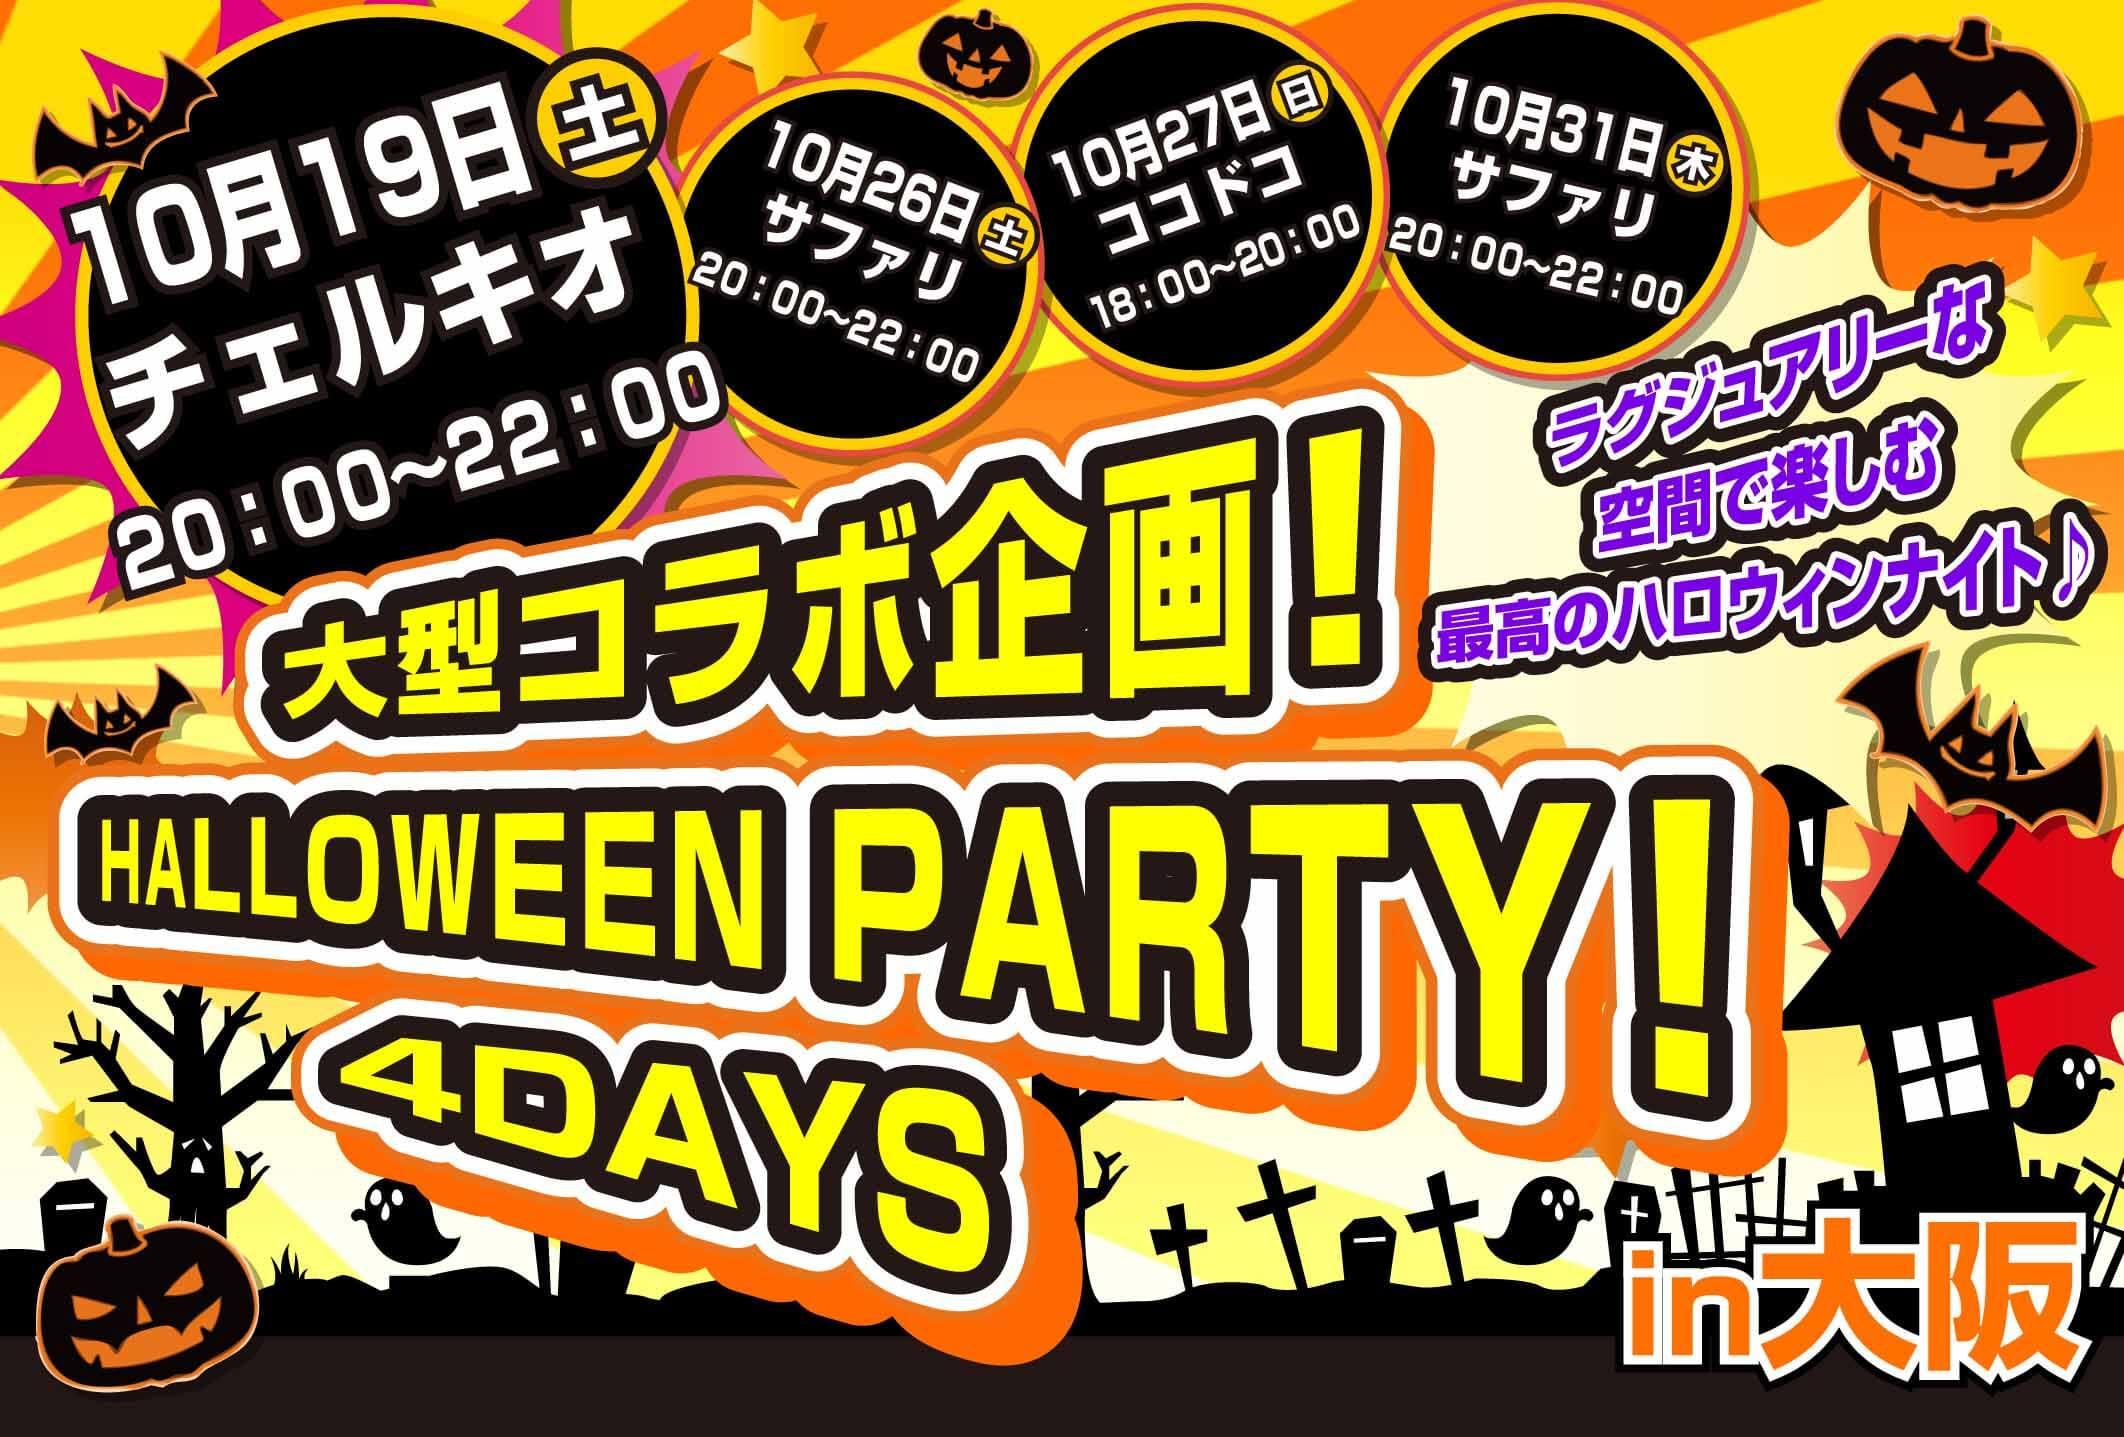 10/19ハロウィンパーティー心斎橋